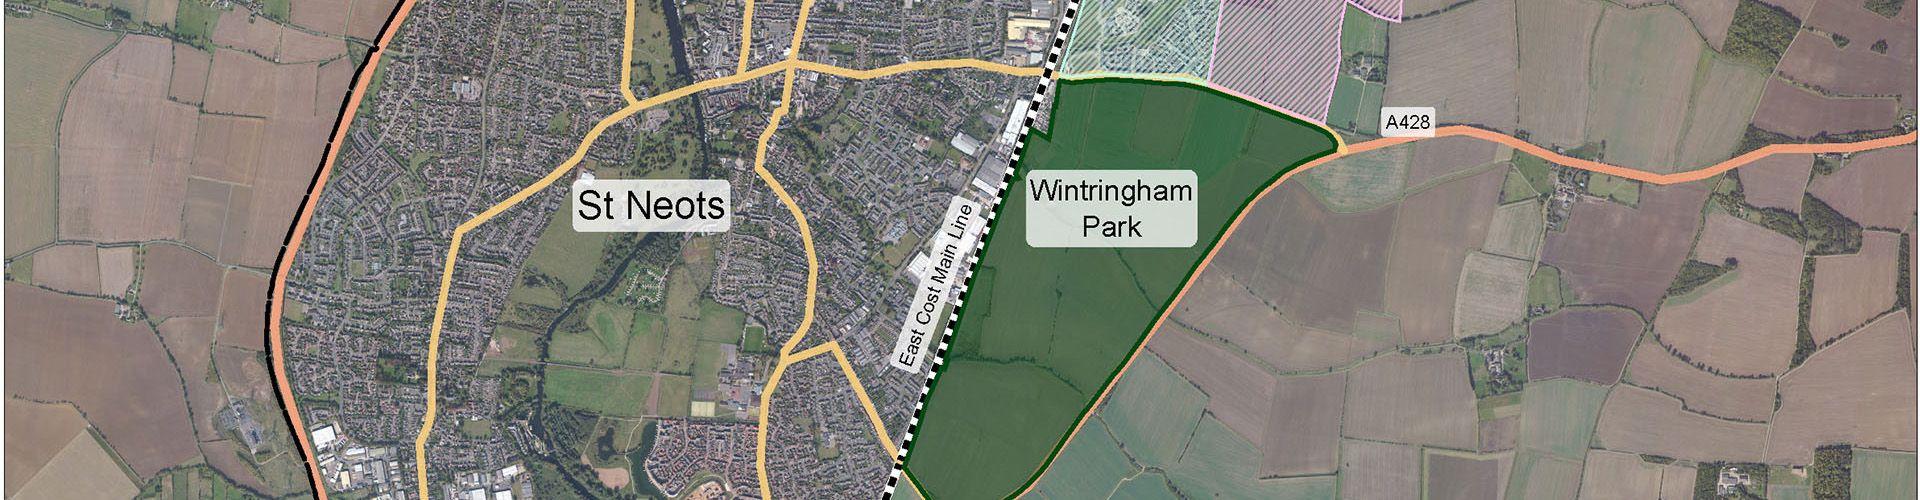 11.04.17_Continuing investment in strategic sites around Cambridge.jpg